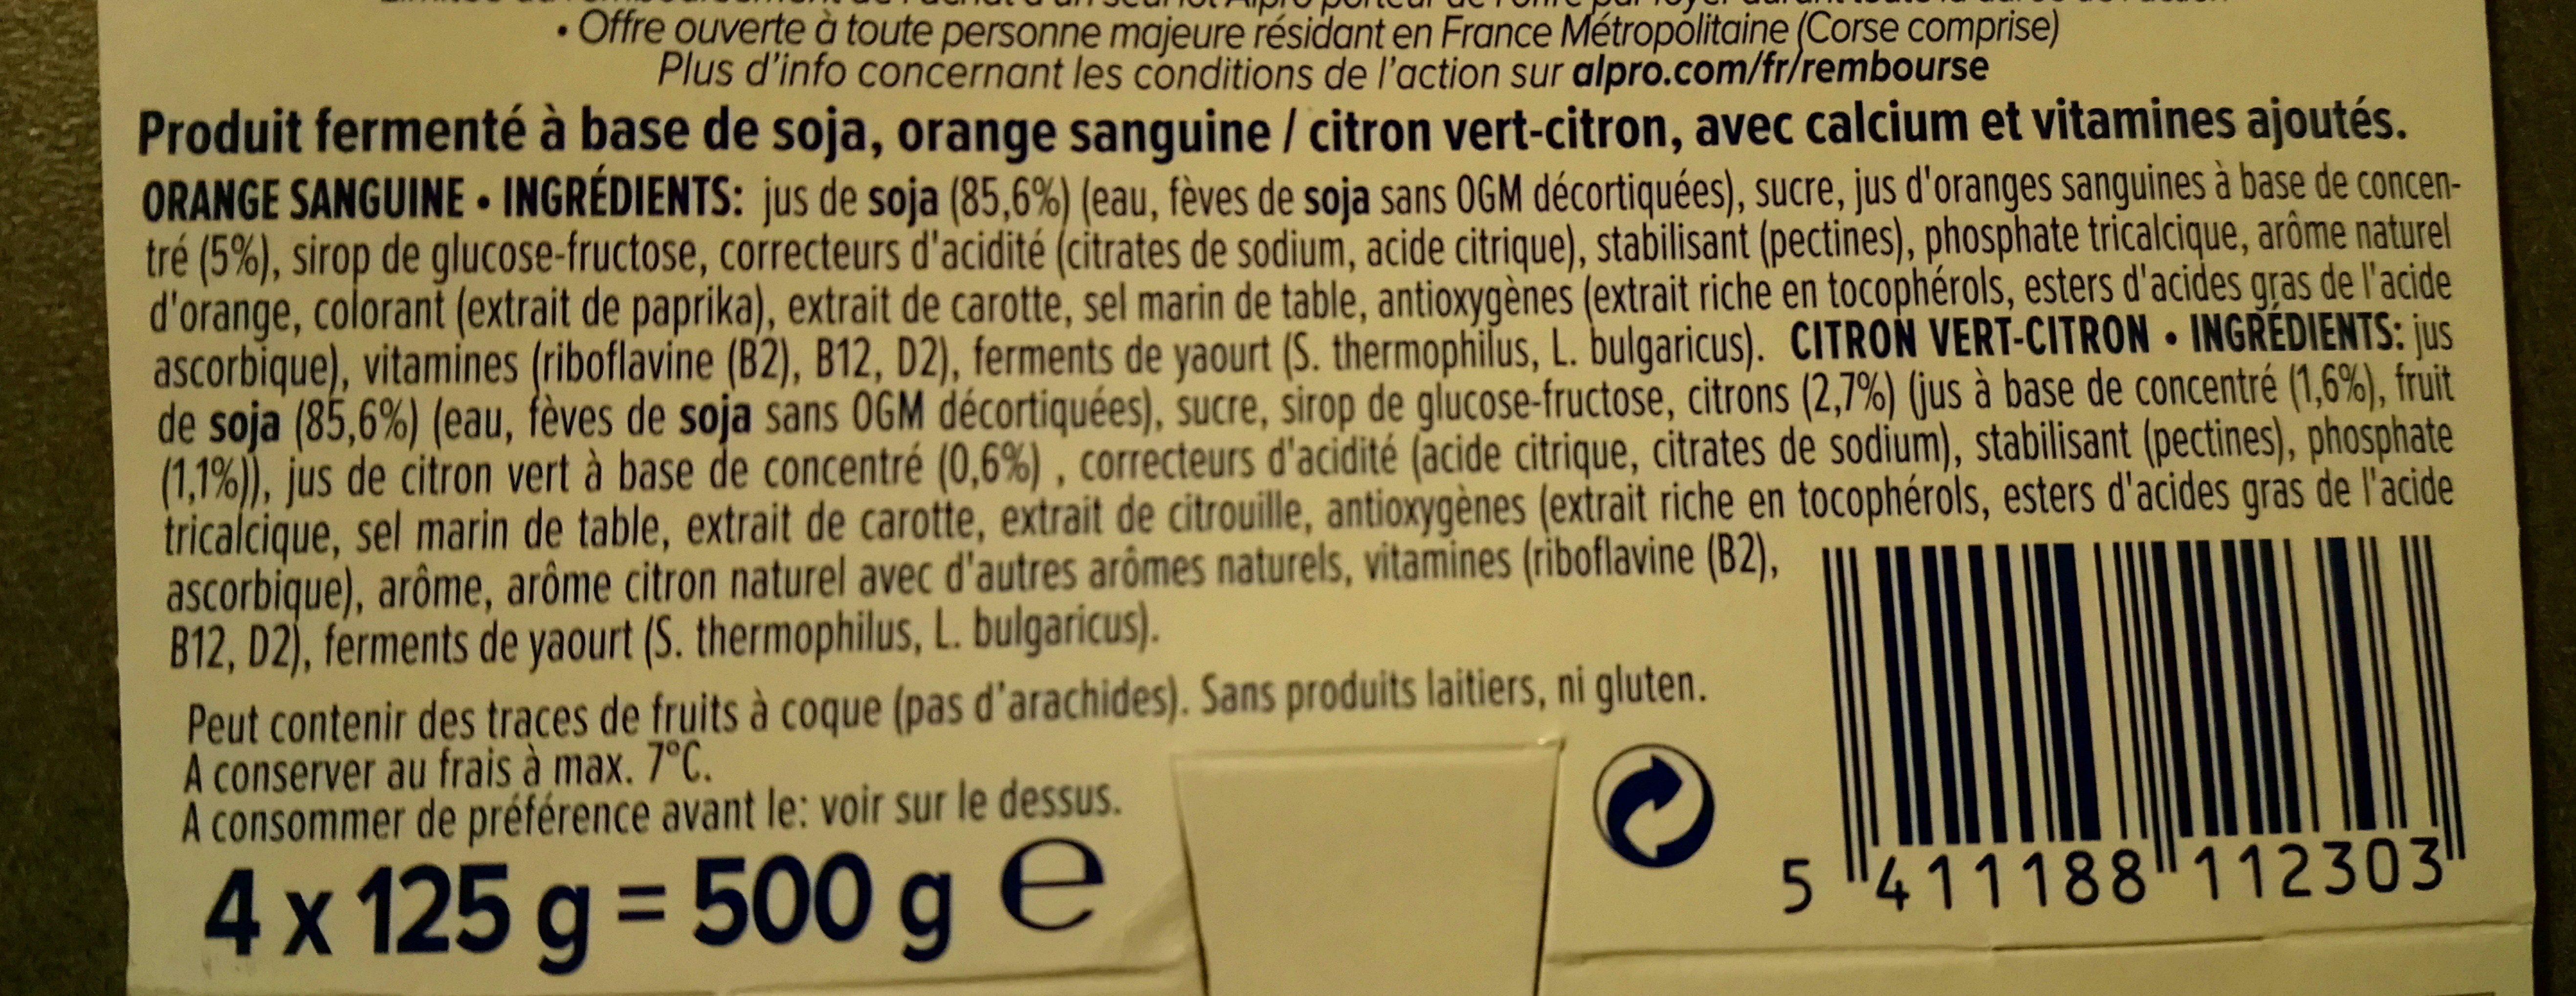 Yaourt agrumes - Ingrediënten - fr